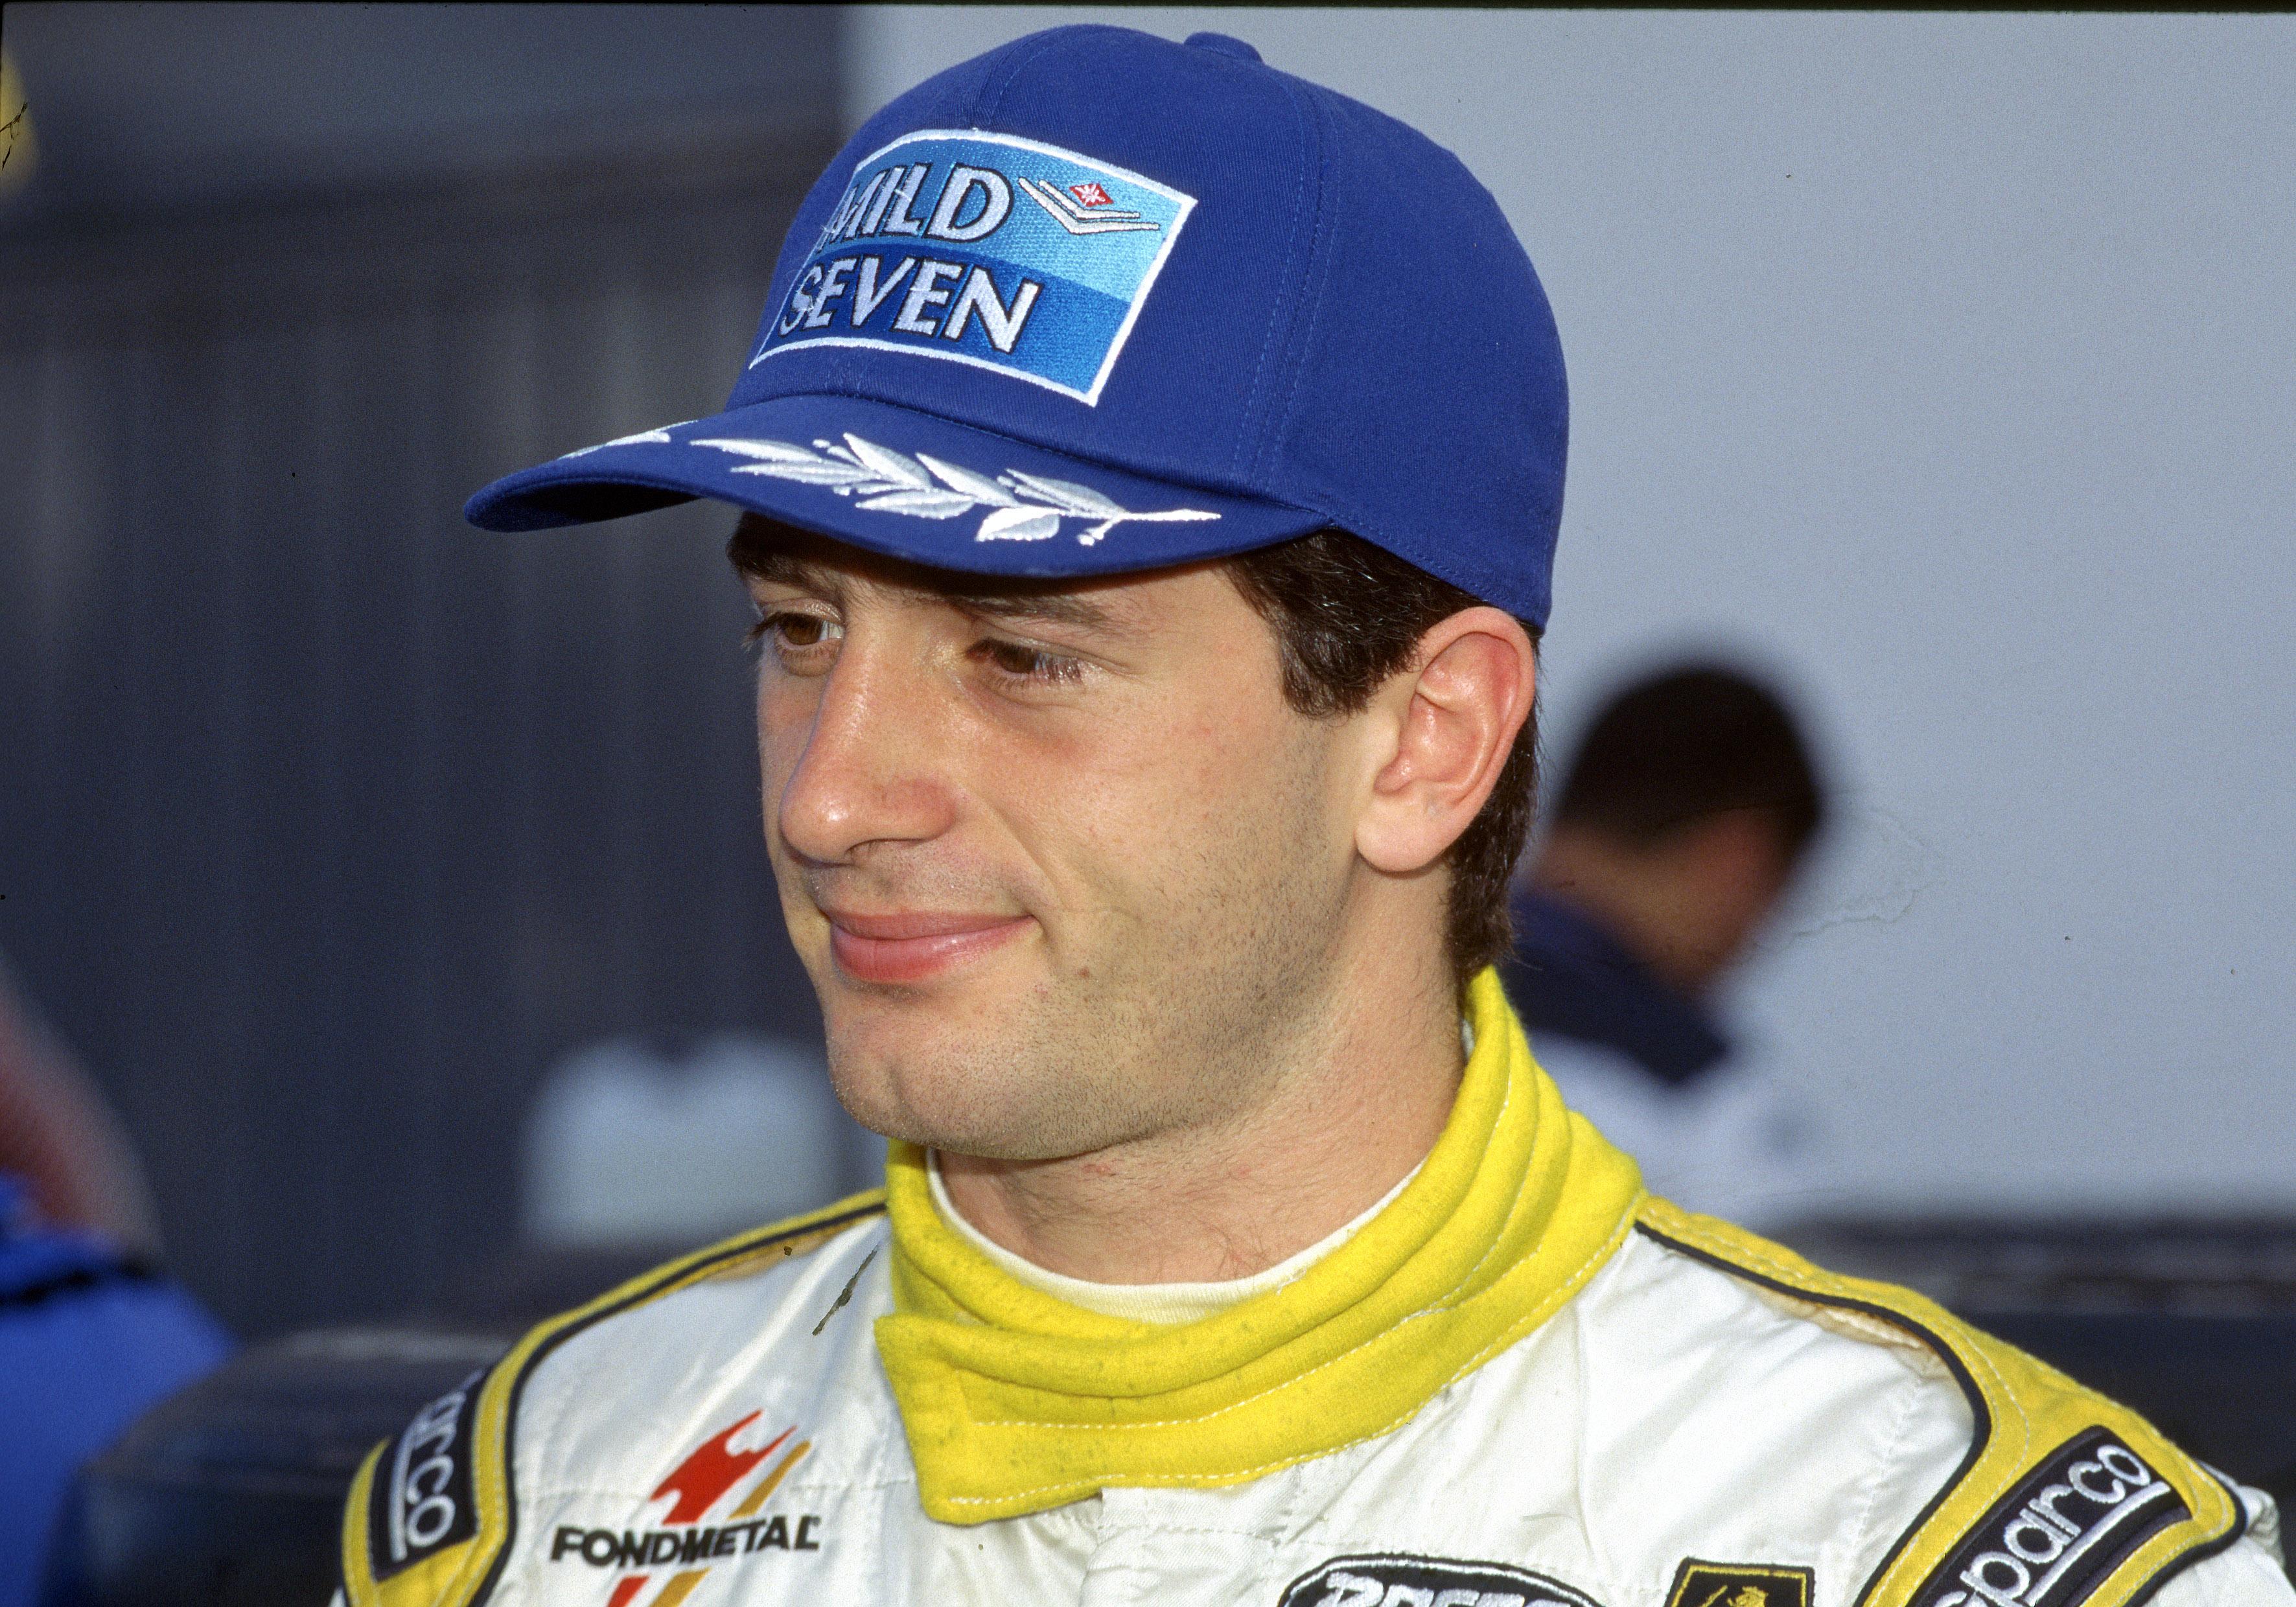 Jarno Trulli 1997